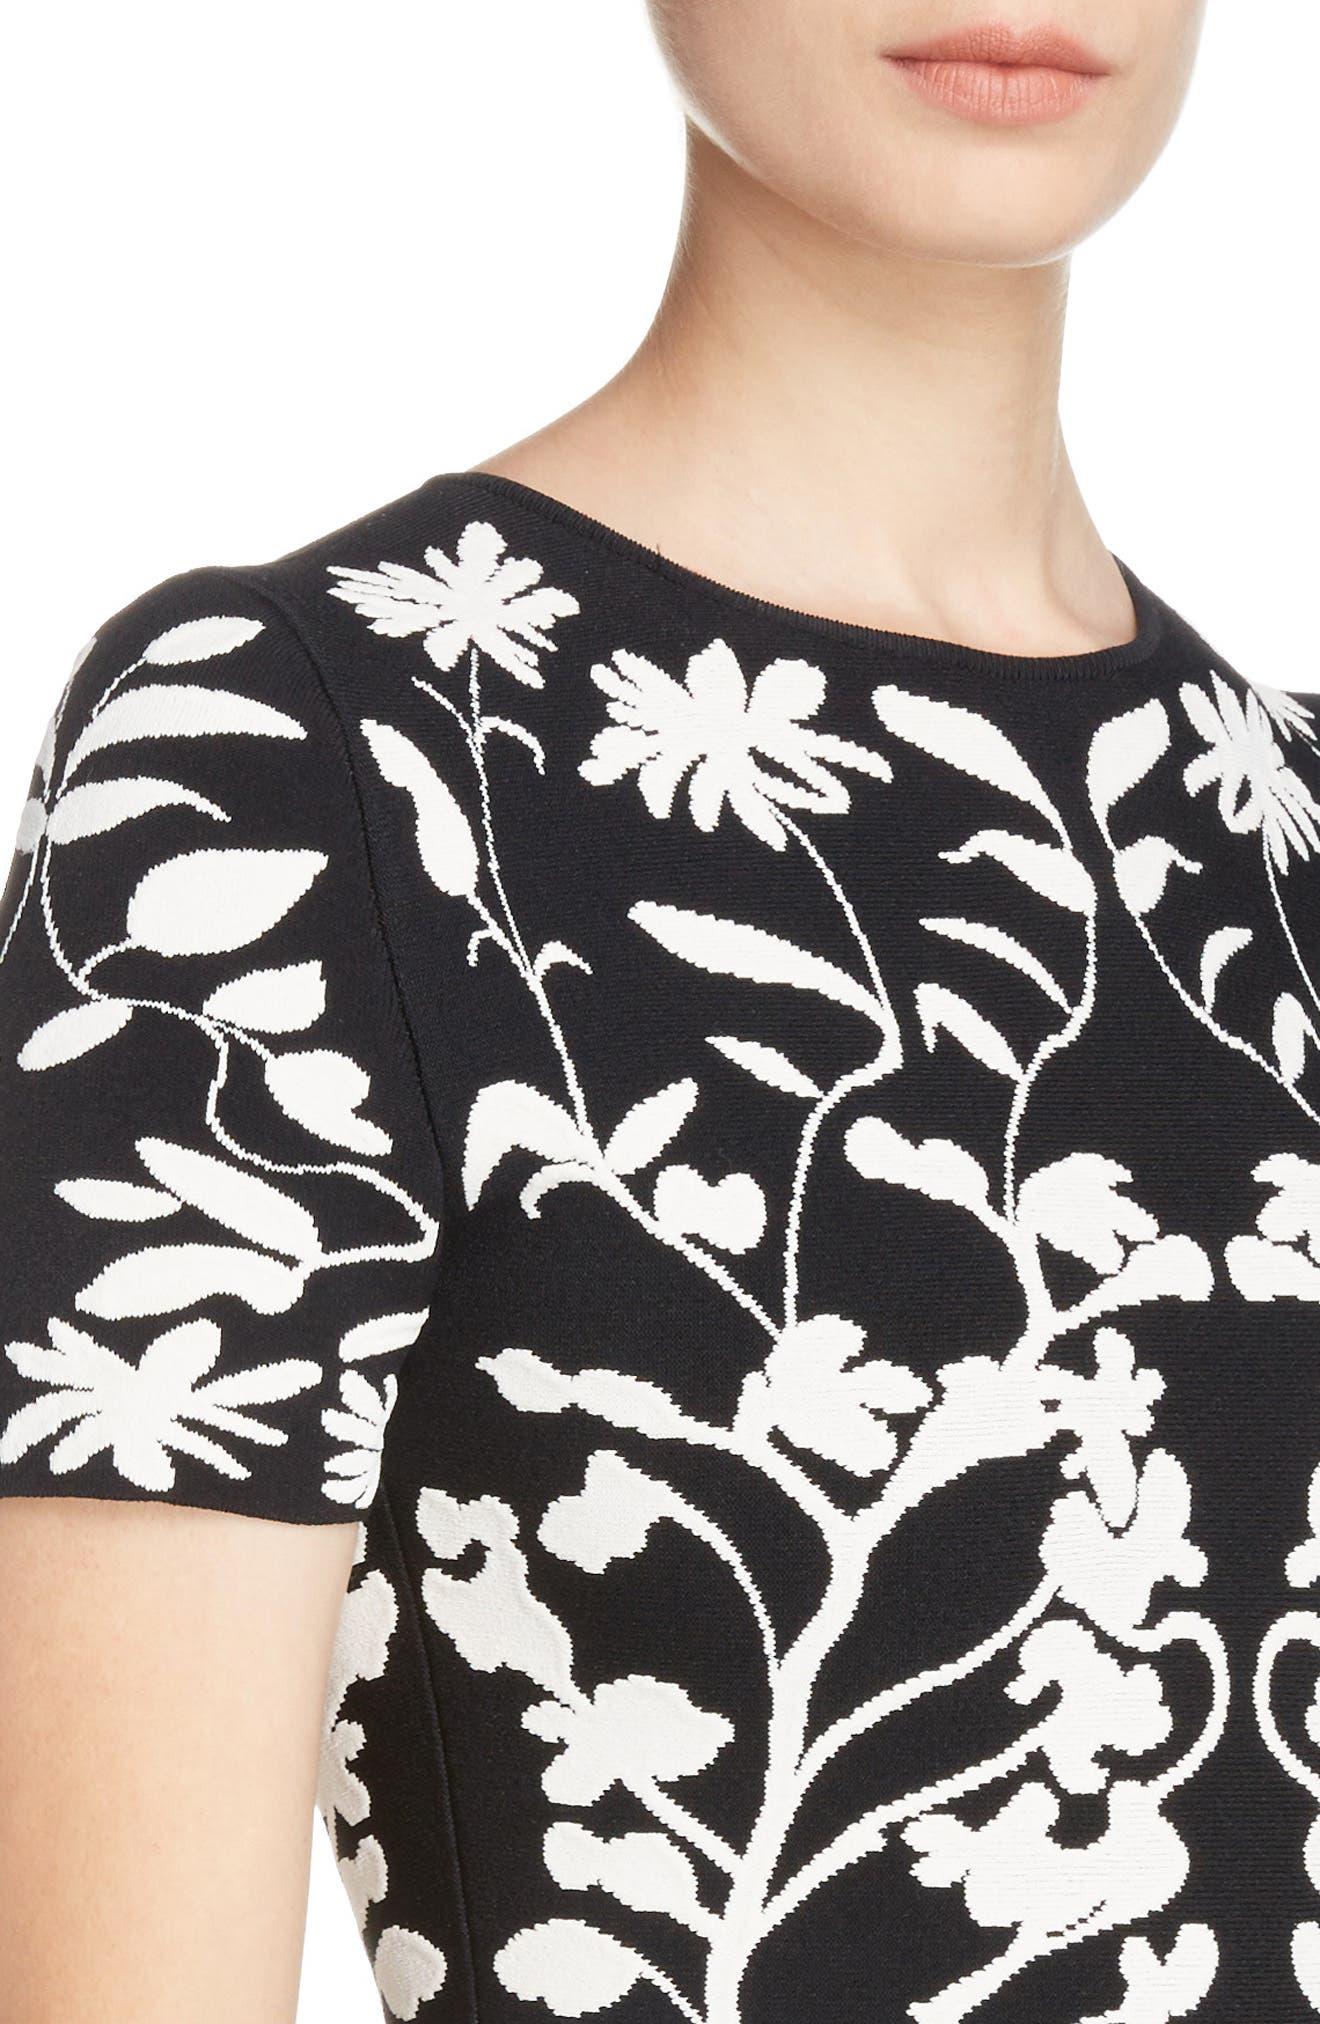 Botanical Jacquard Knit Flounce Dress,                             Alternate thumbnail 4, color,                             Black/ Ivory